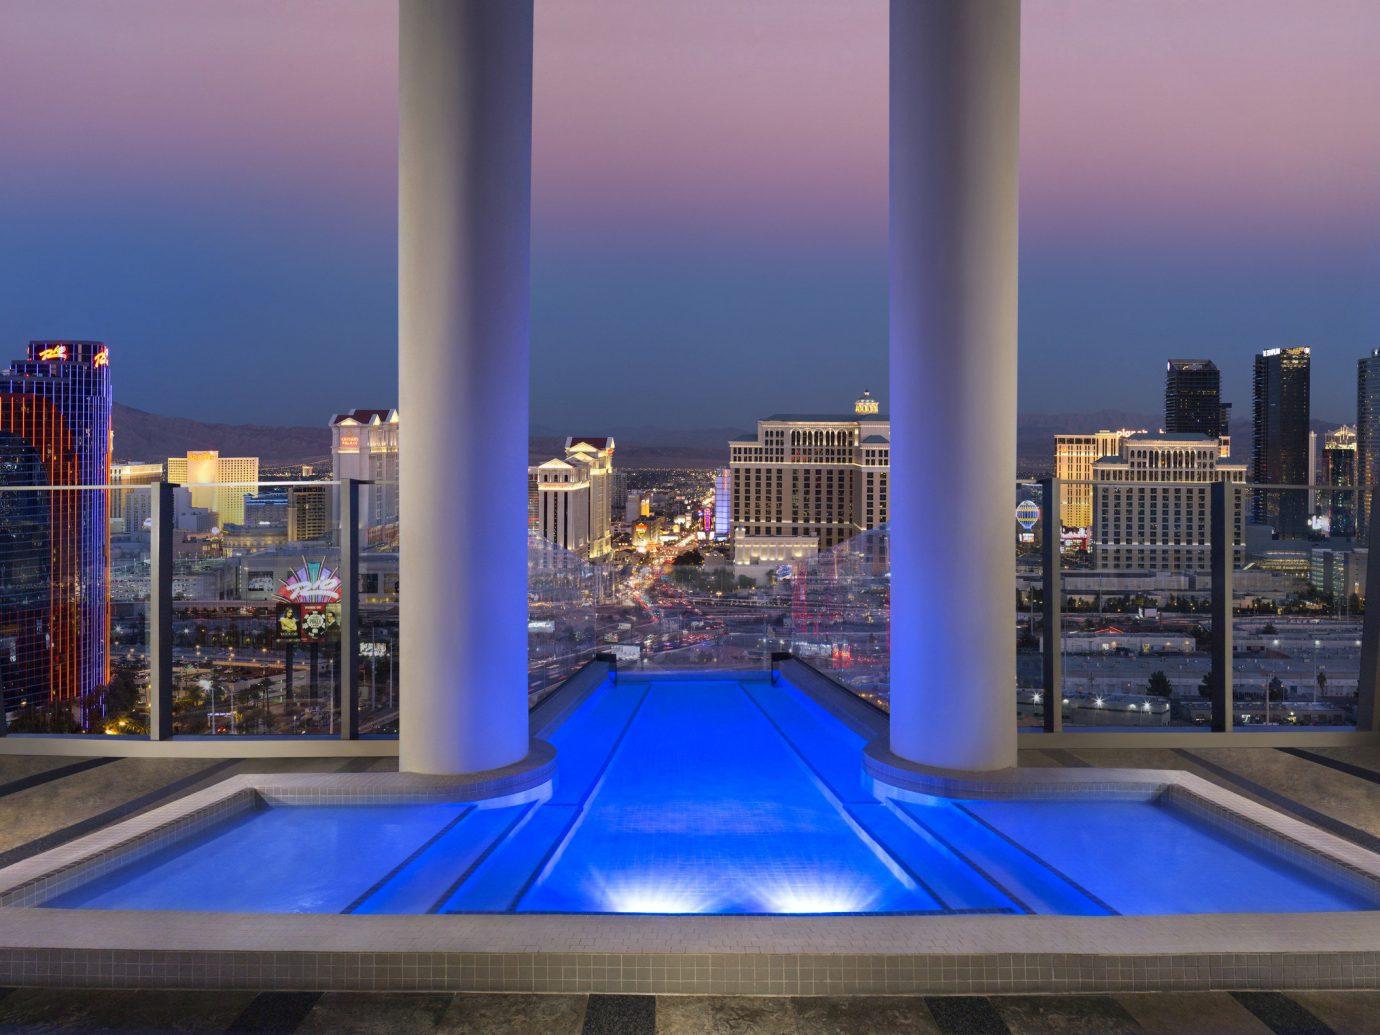 Pool in the Sky Villa, Palms Casino Resort in Las Vegas